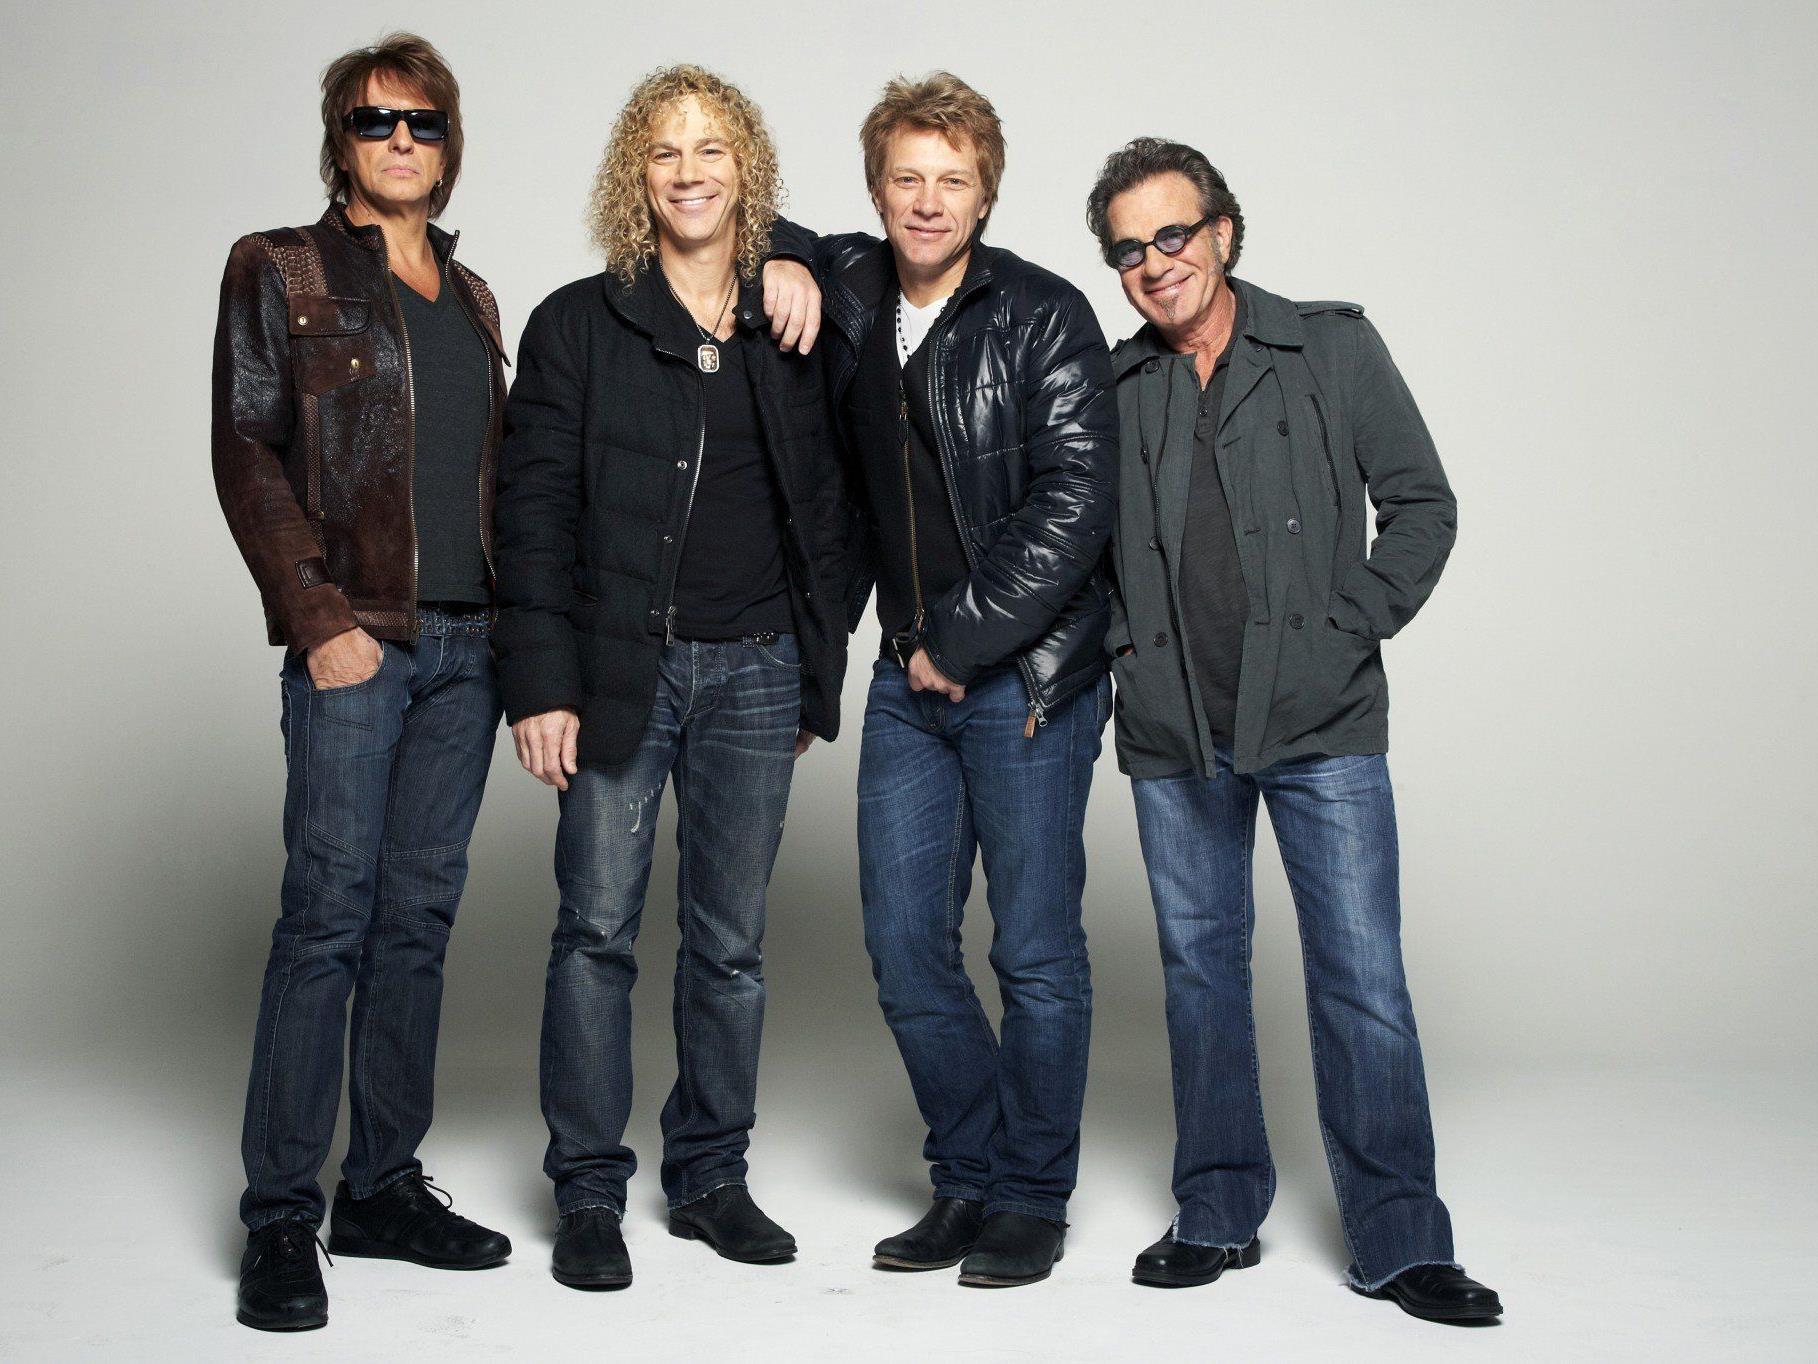 Richie Sambora, David Bryan, Jon Bon Jovi und Tico Torres.